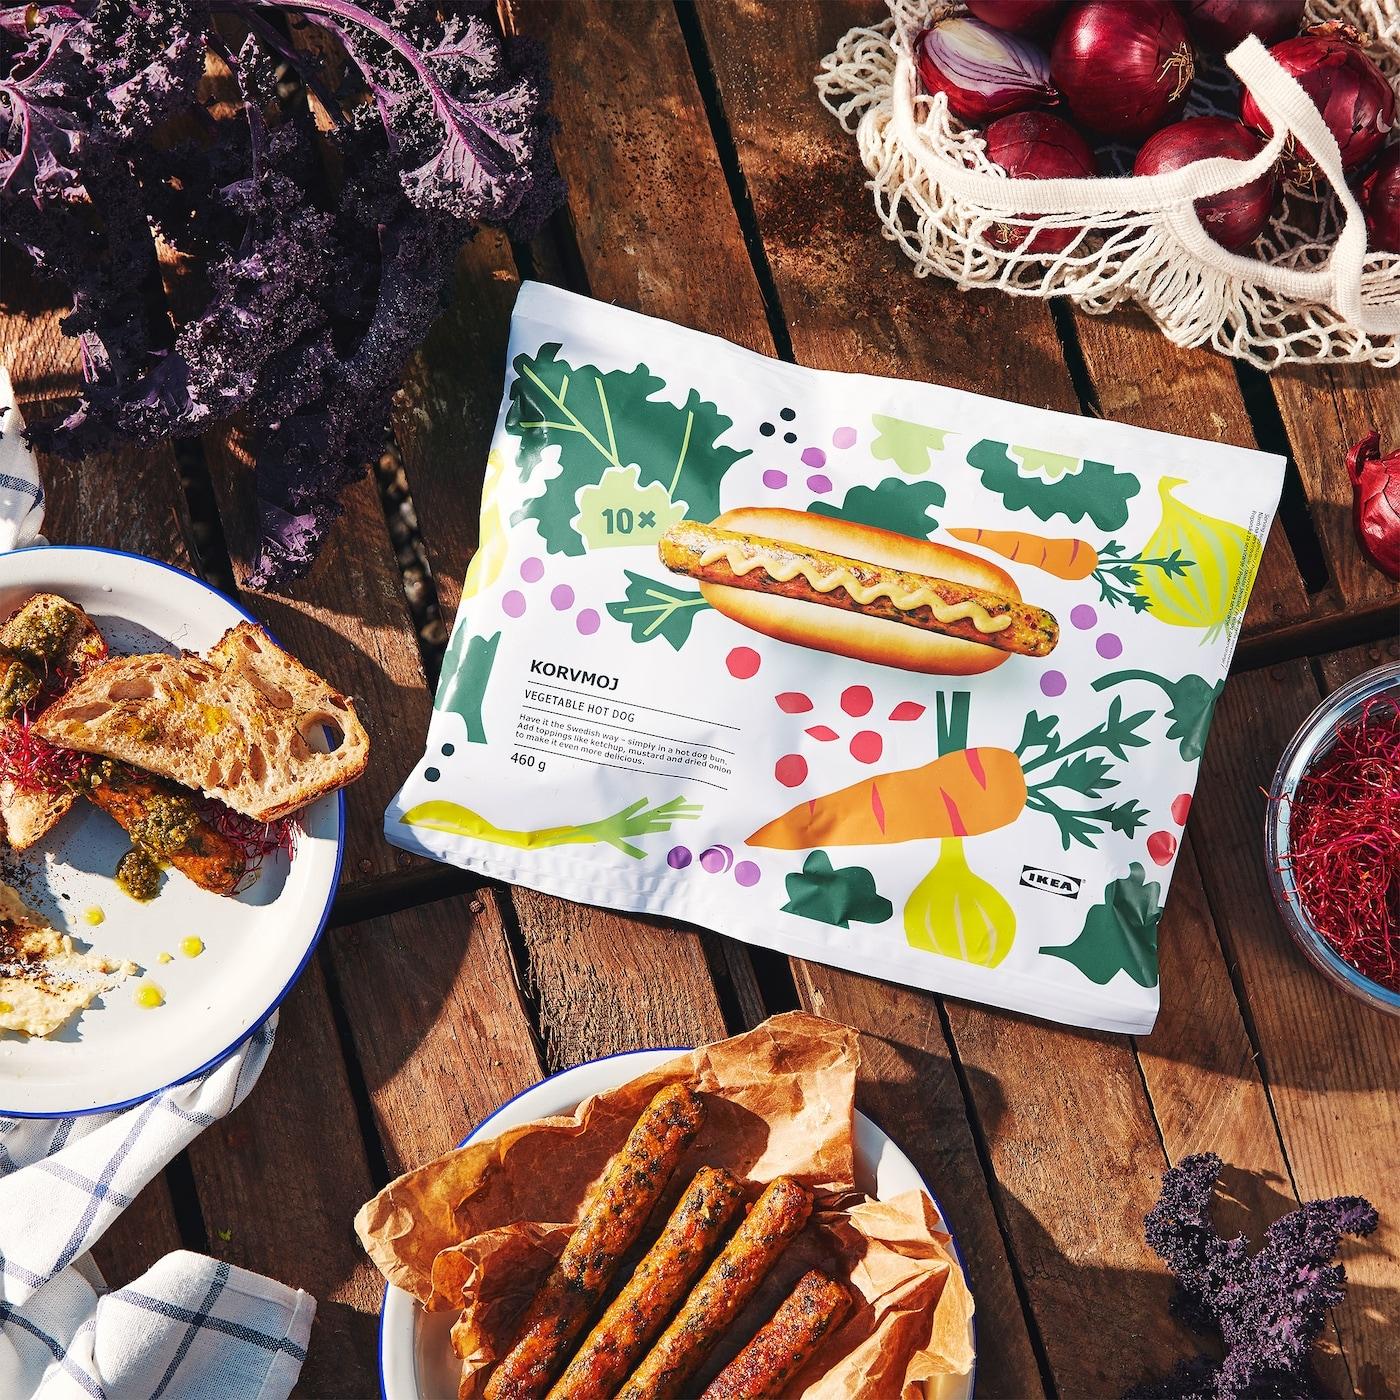 Balení vegetariánského hot dogu KORVMOJ a návrhy, s čím hot dog podávat